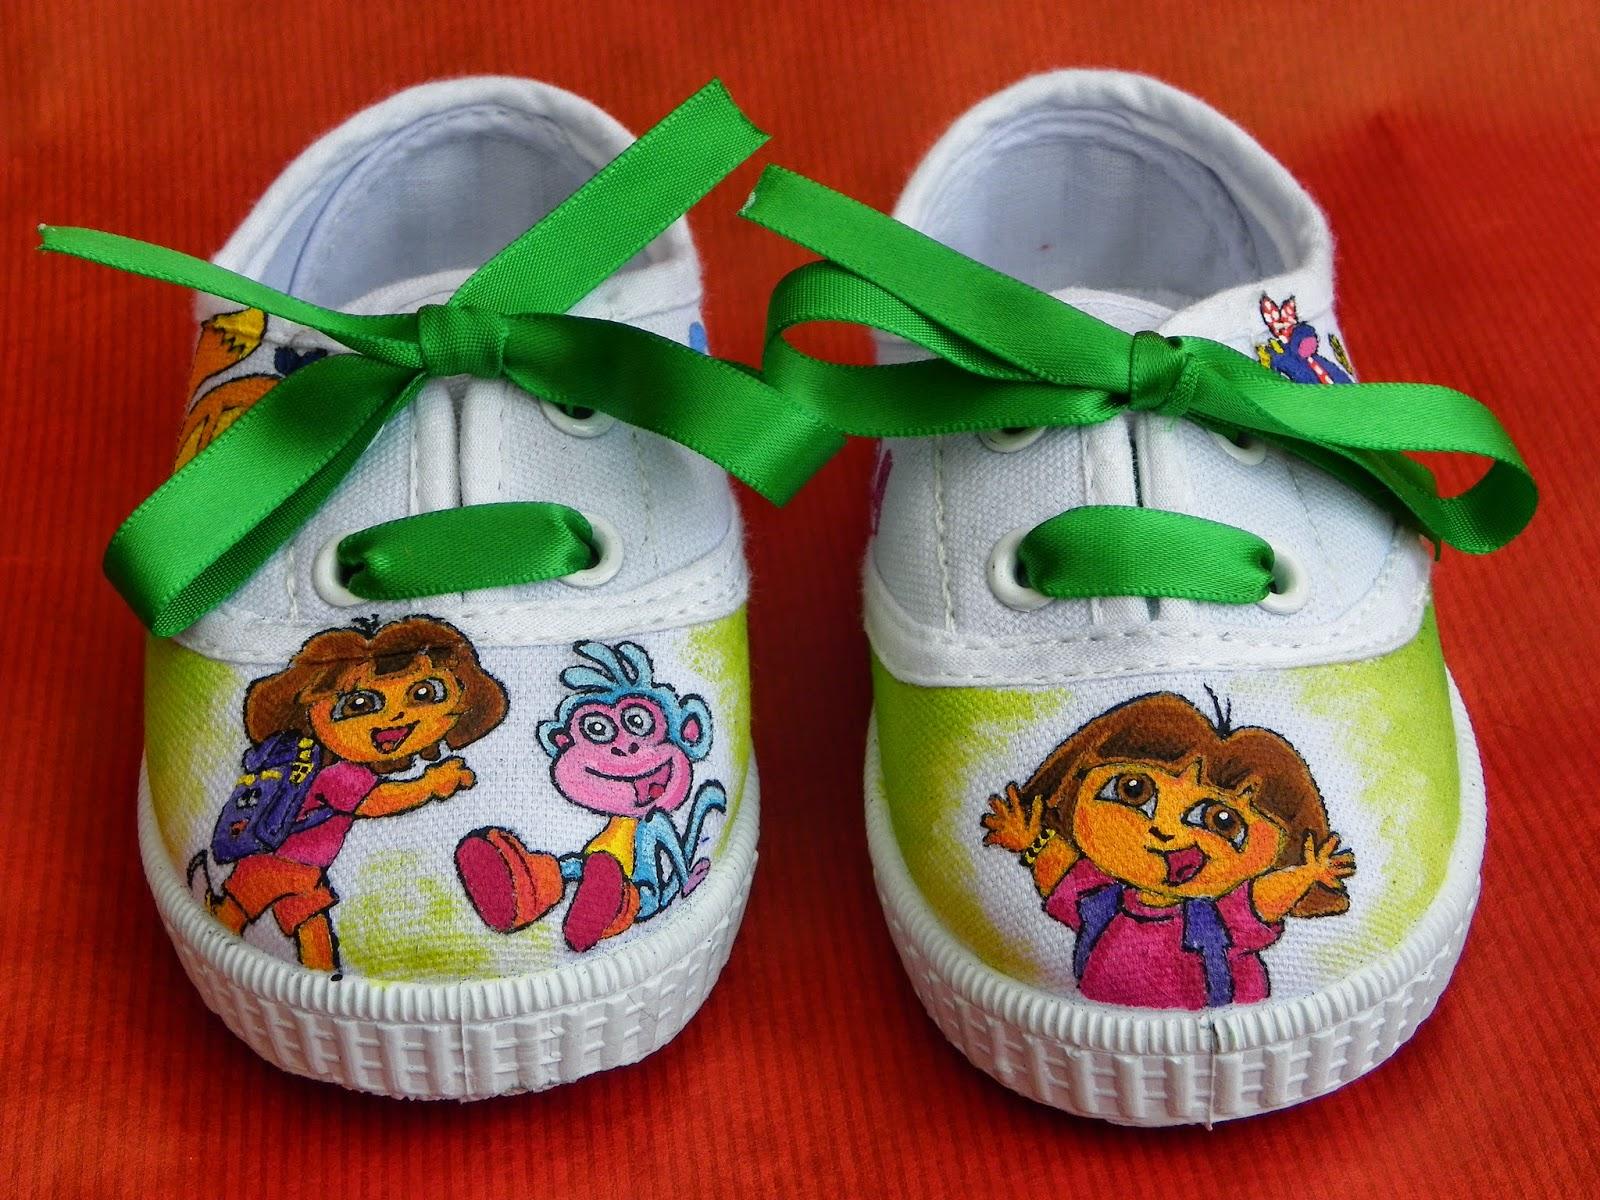 adidas Calzado para Chicos y Chicas adidas Calzado Niños - imagenes de zapatillas de niñas